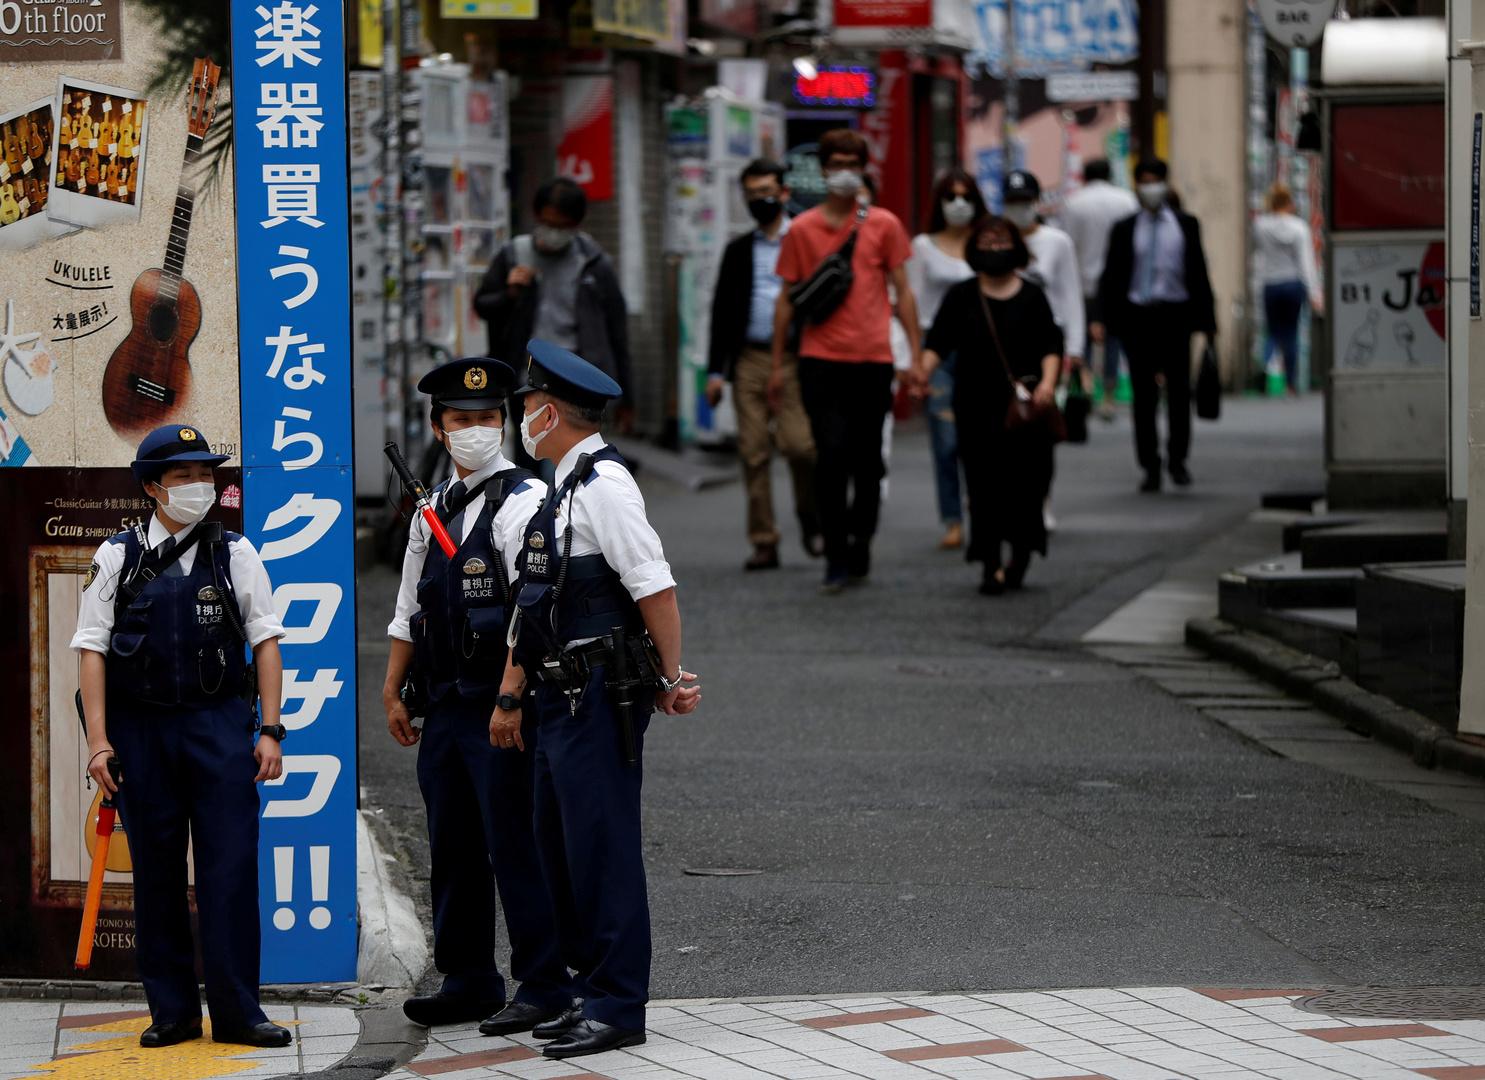 اليابان تعلن إجراءات طارئة في منطقة أوساكا لاحتواء فيروس كورونا